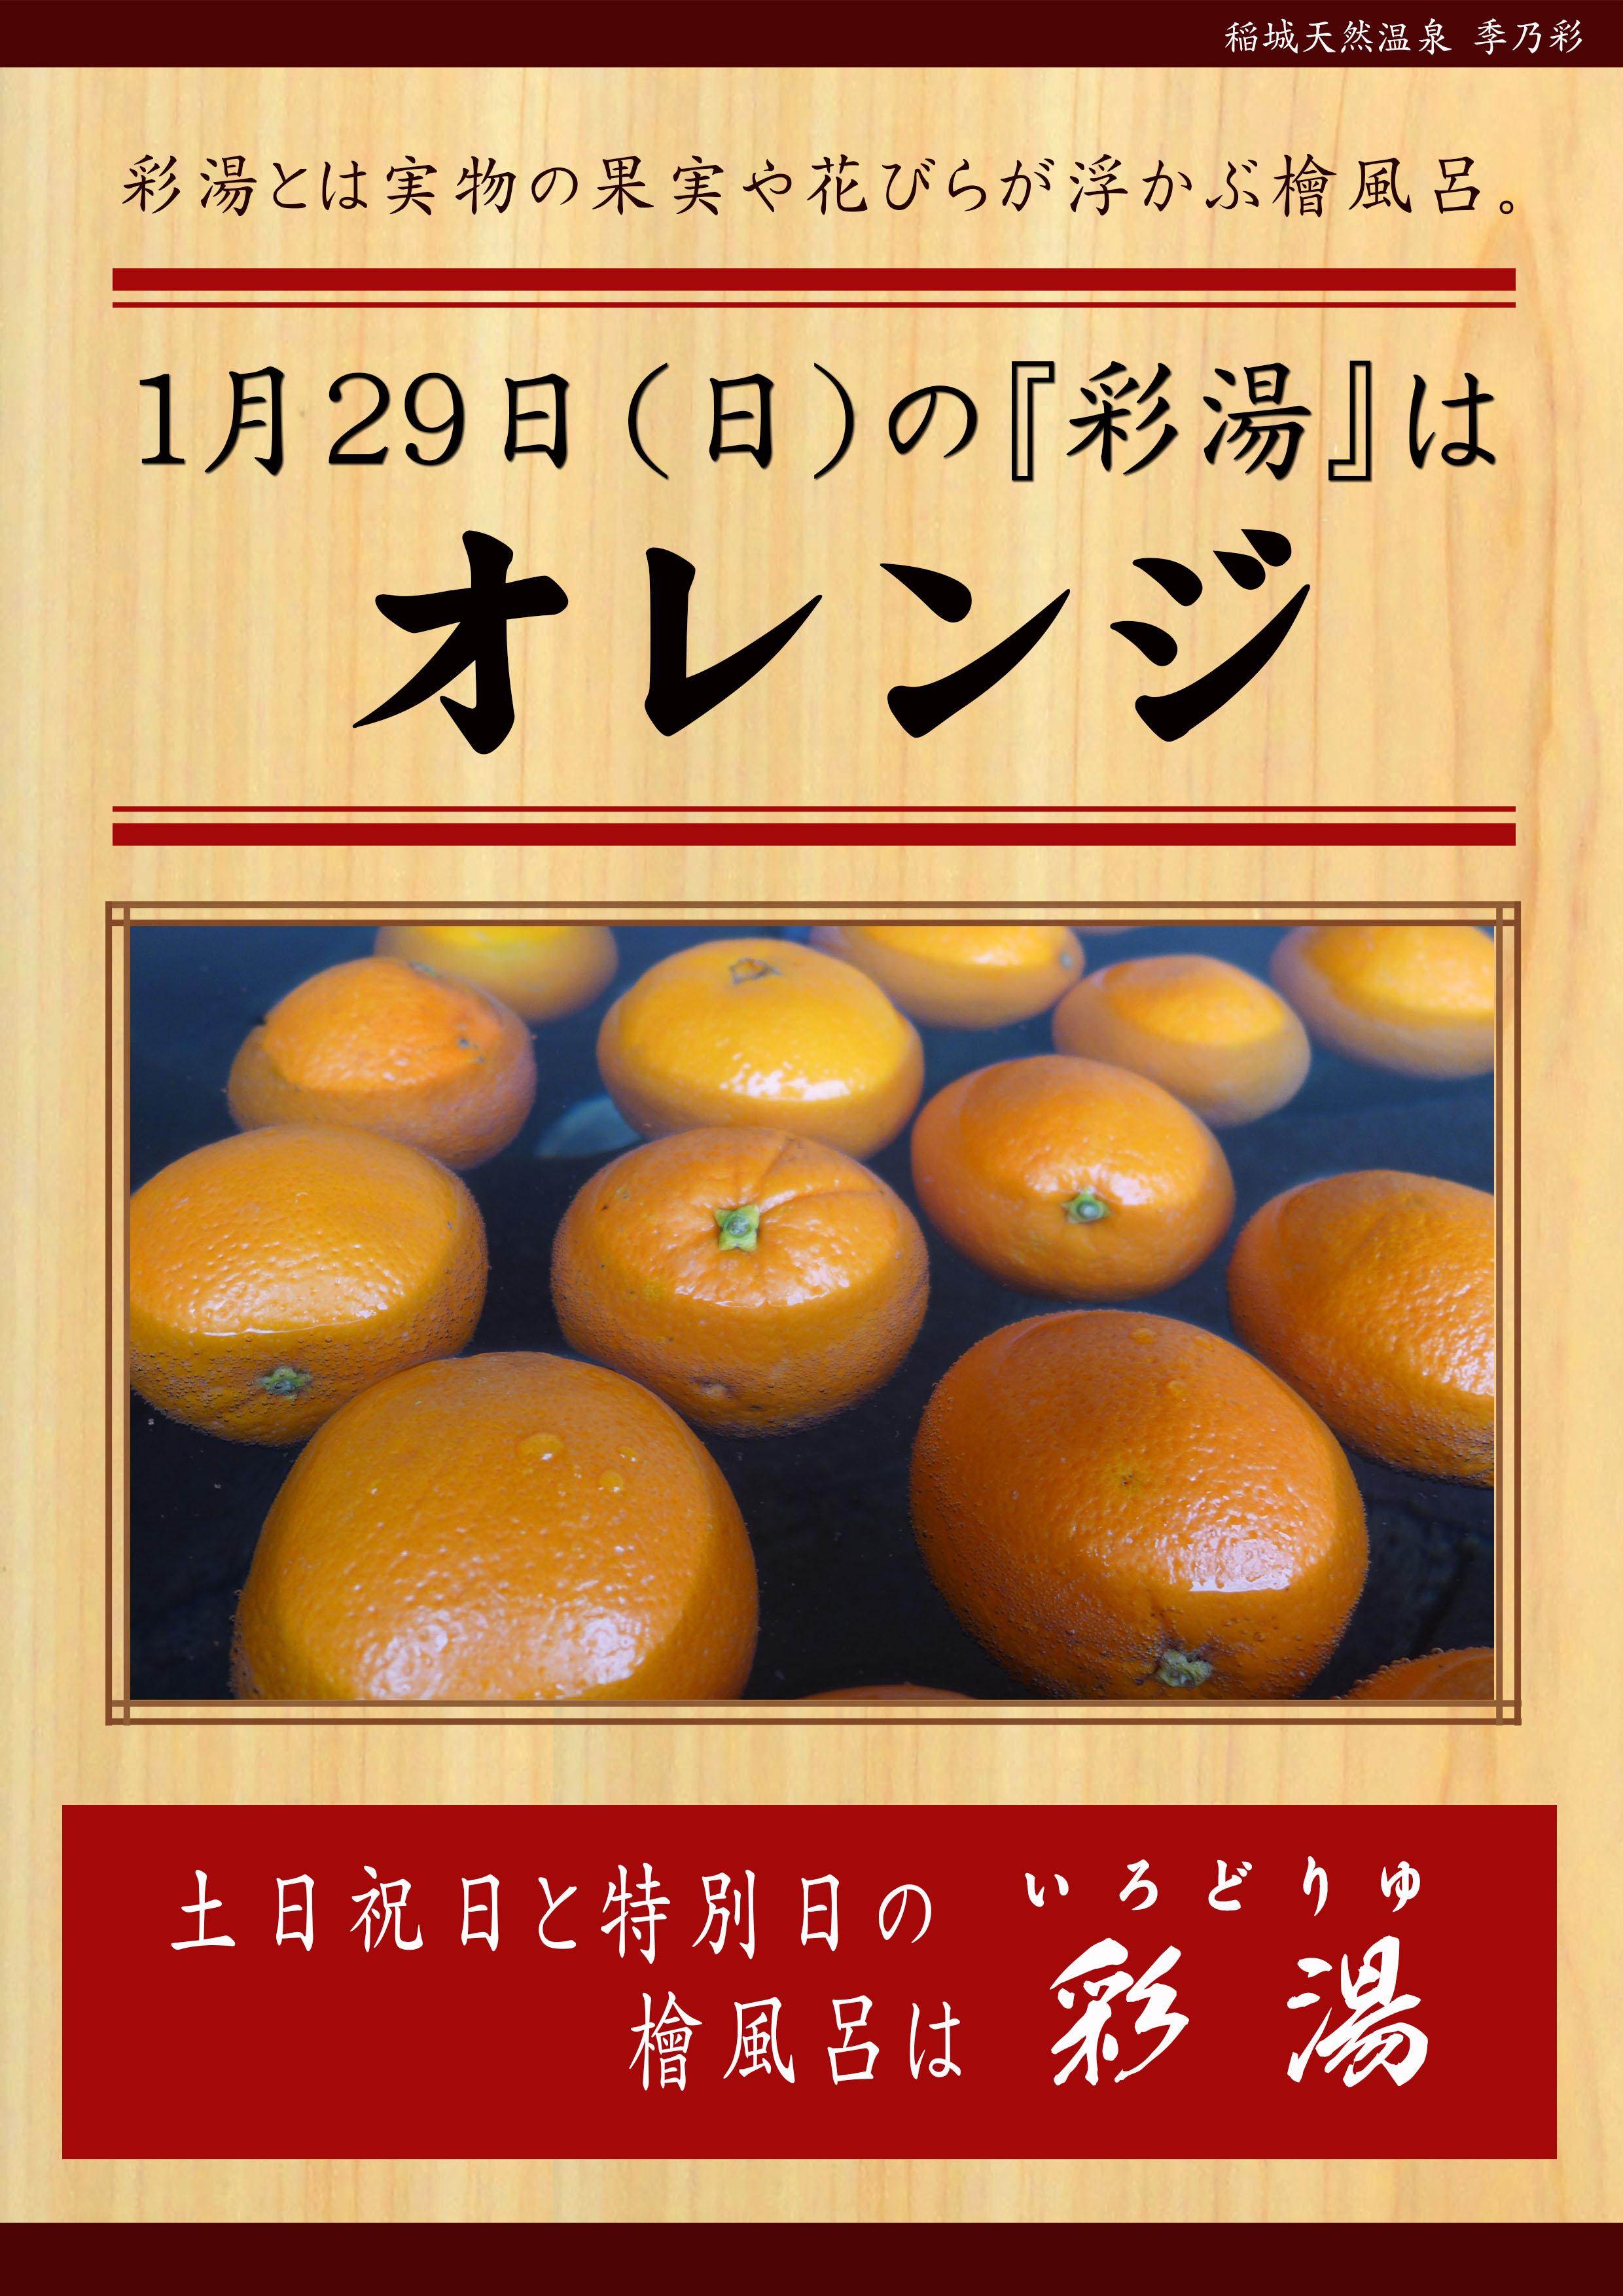 20170129POP イベント 彩湯 オレンジ